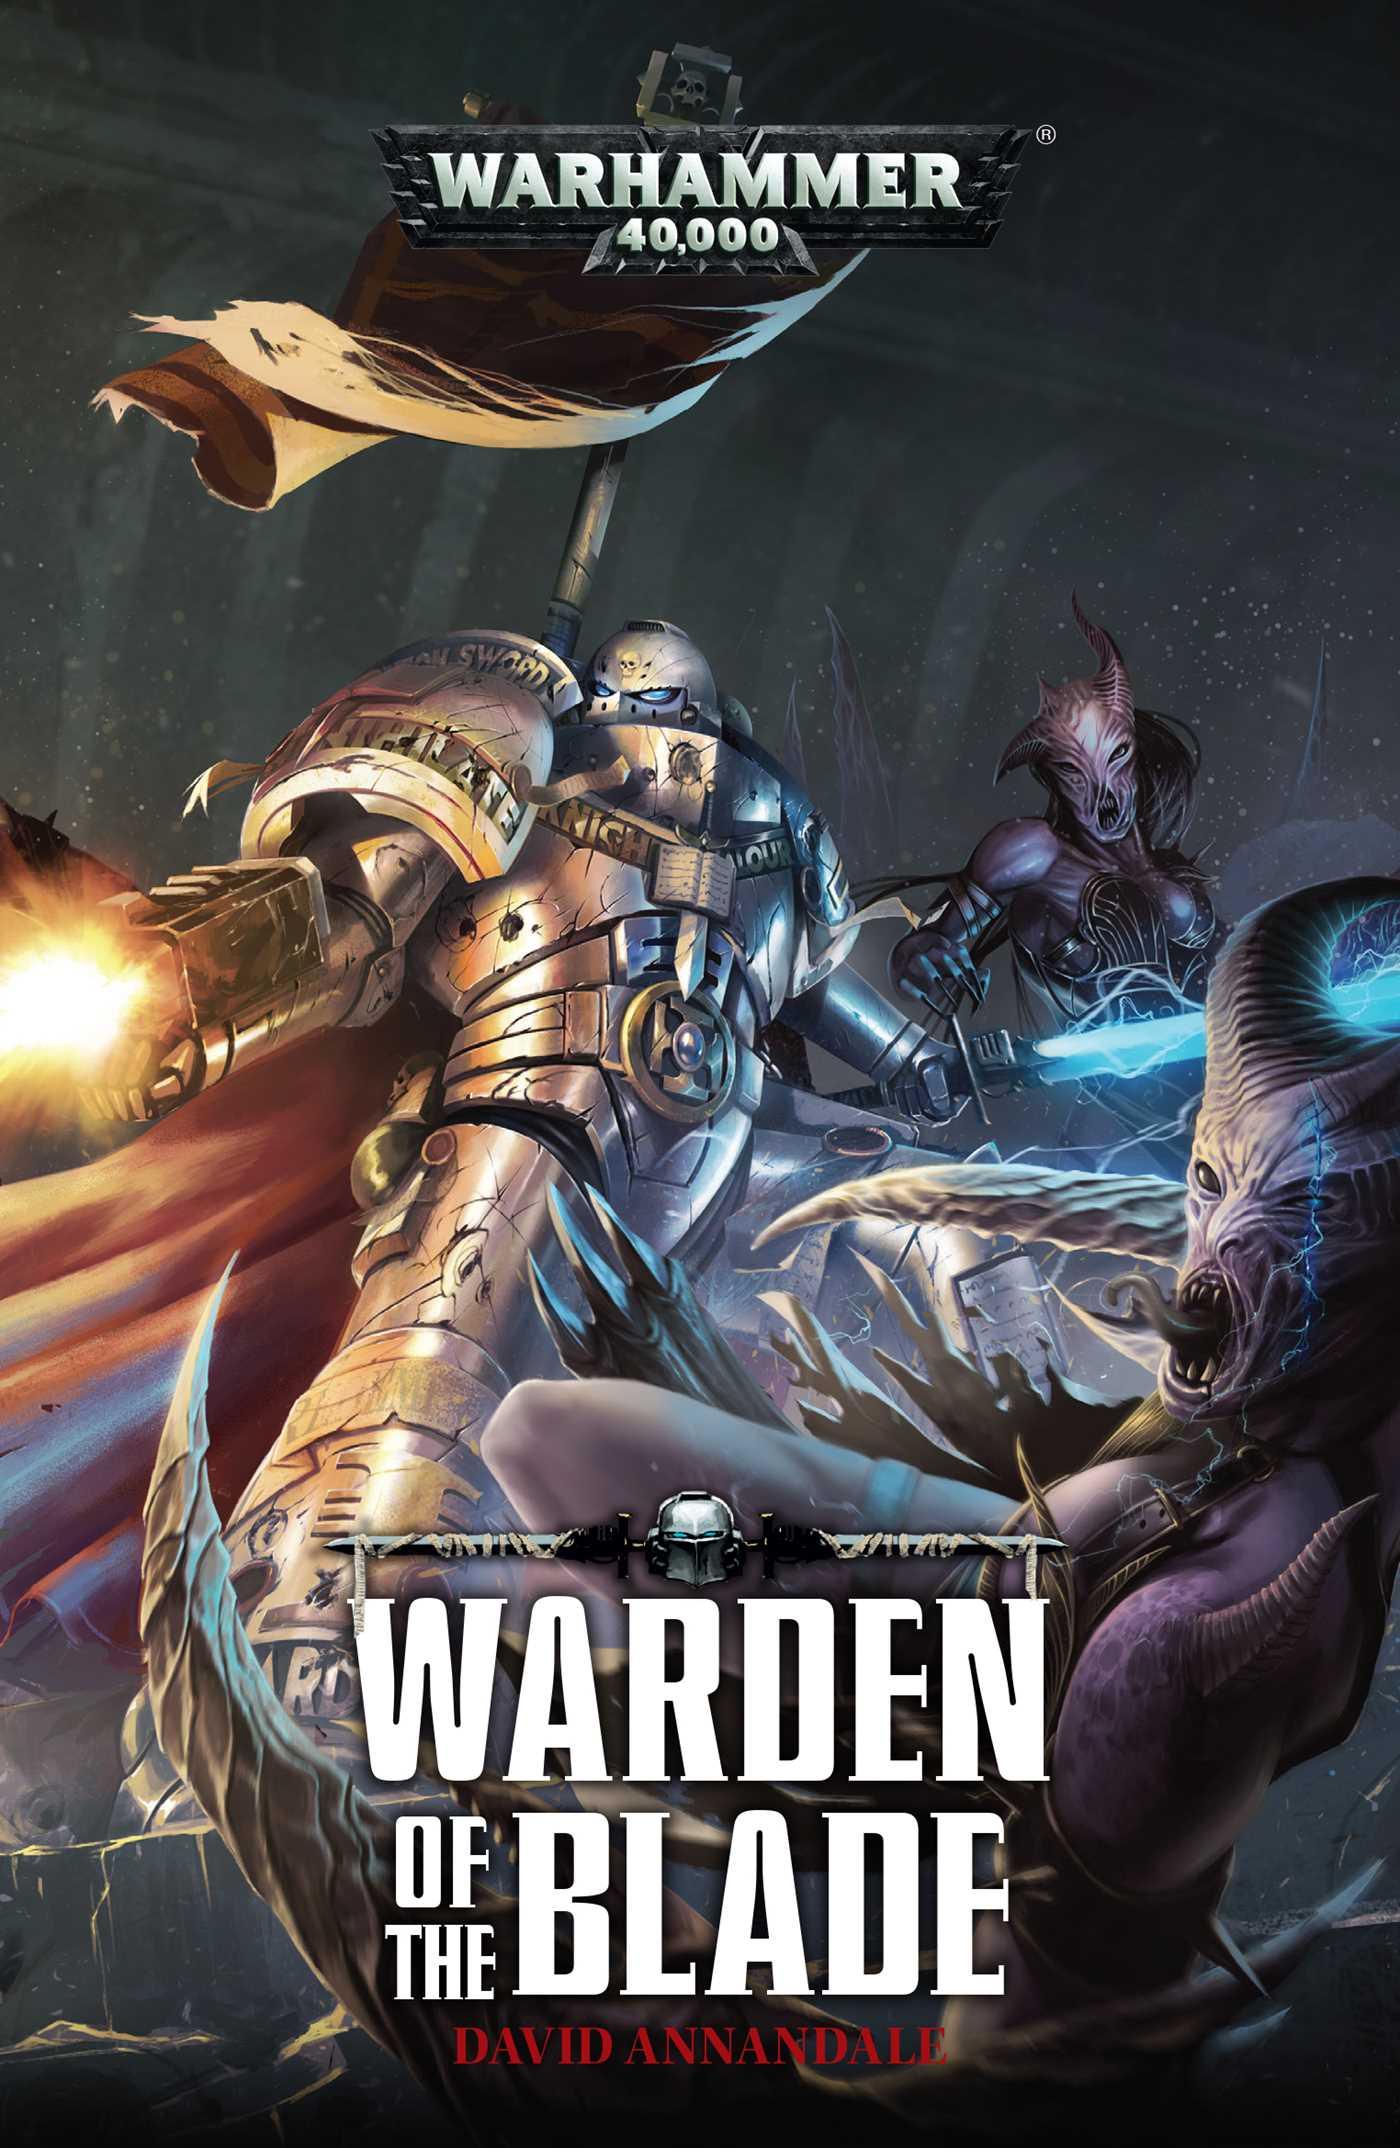 Warden of the blade 9781784966256 hr